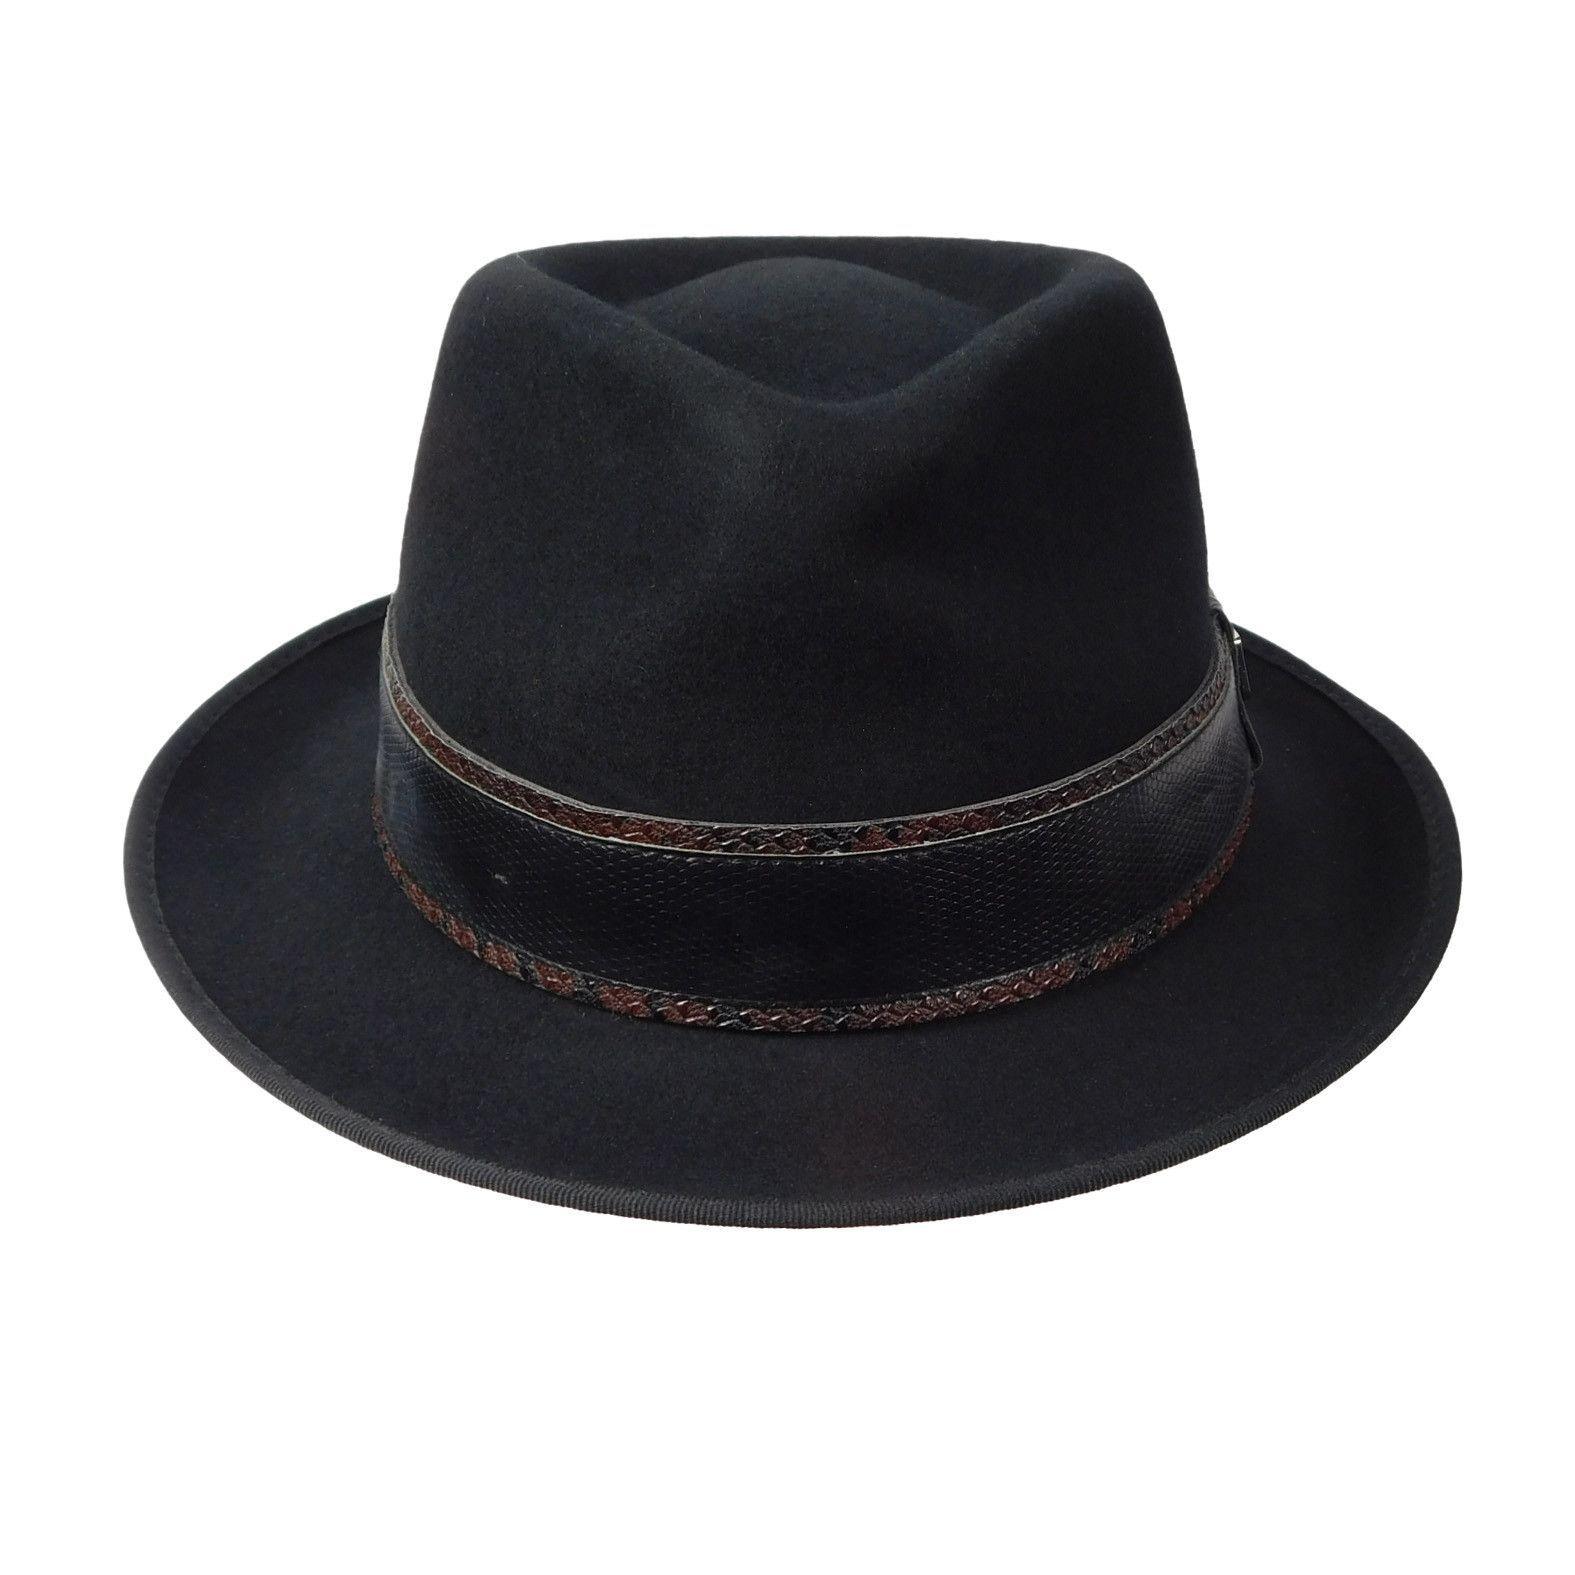 1ed9ee64b7a Crushable wool felt hat. 2 1 8